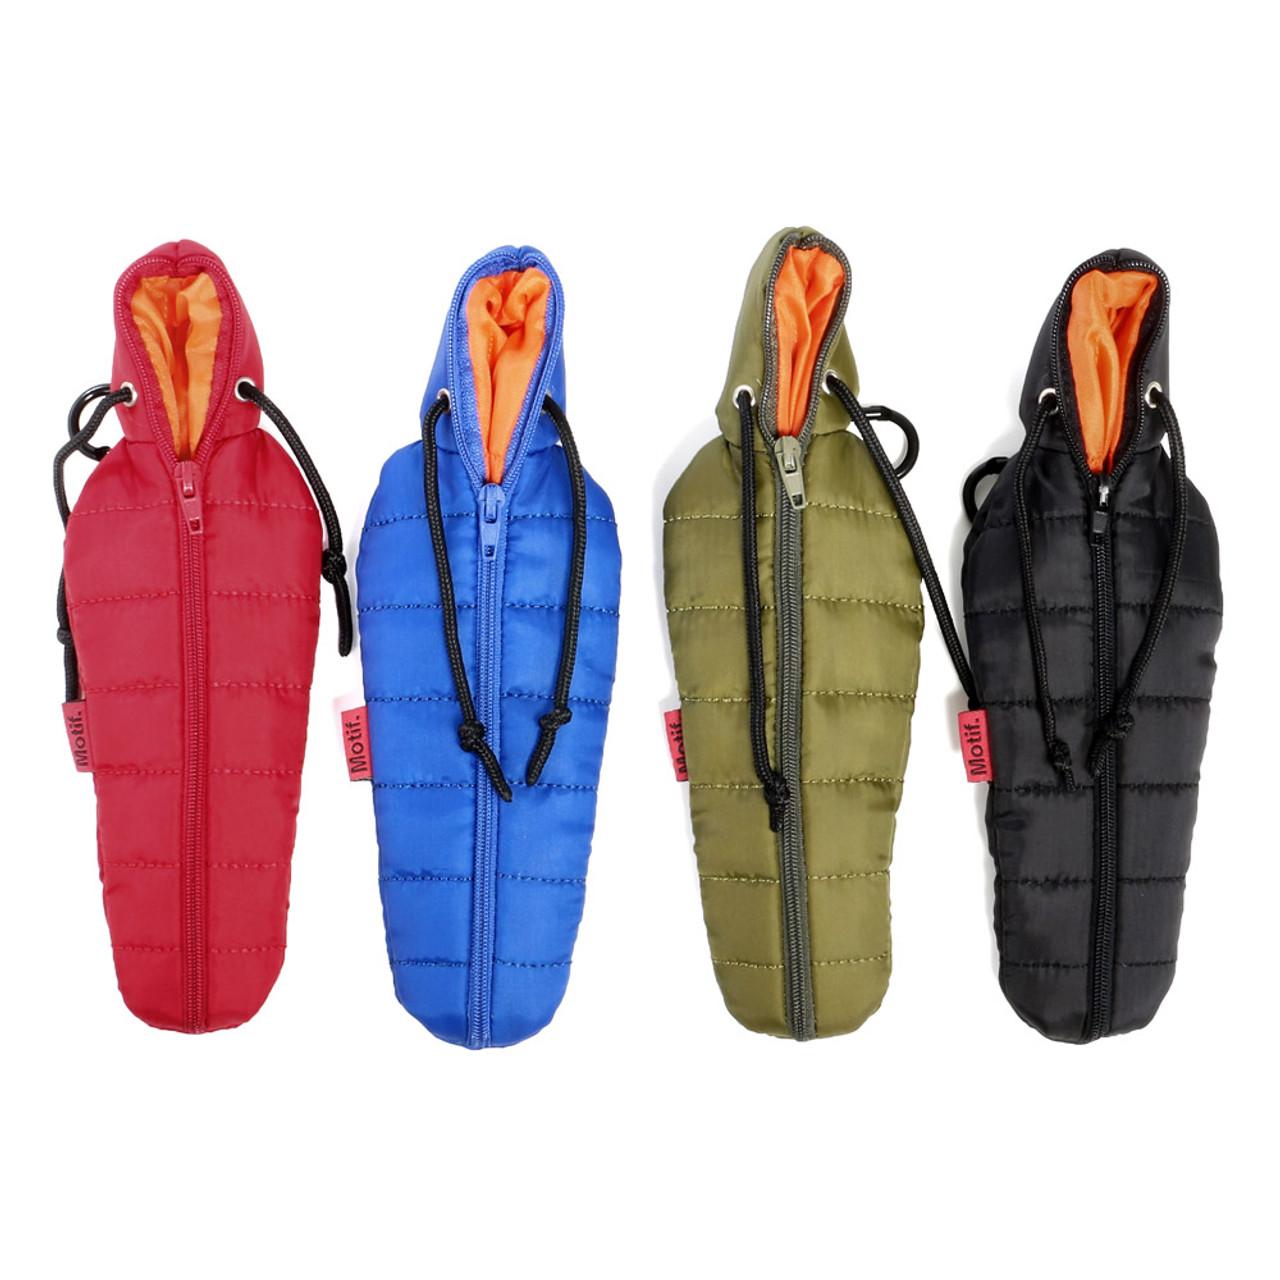 Seto Craft Motif Outdoor Sleeping Bag Pen Case - Black